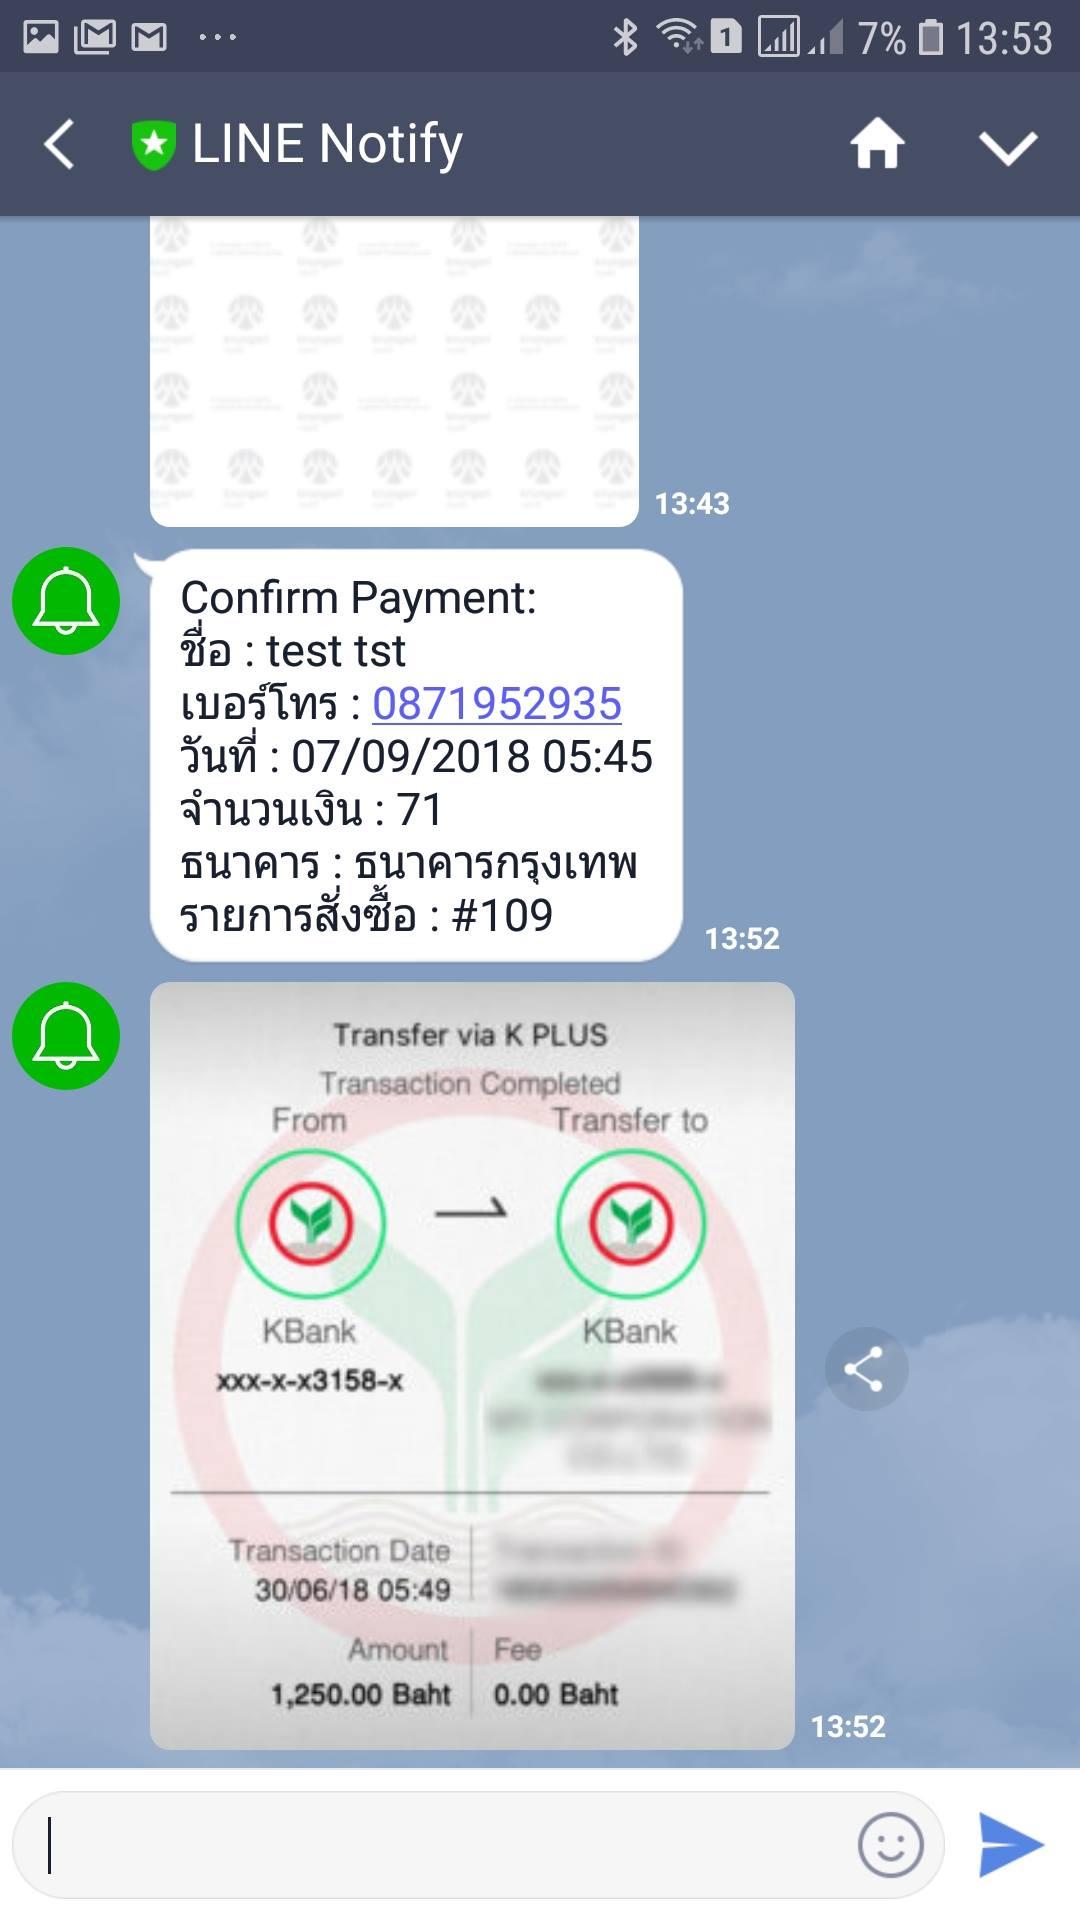 แจ้งเตือนการชำระเงินใน LINE Notify